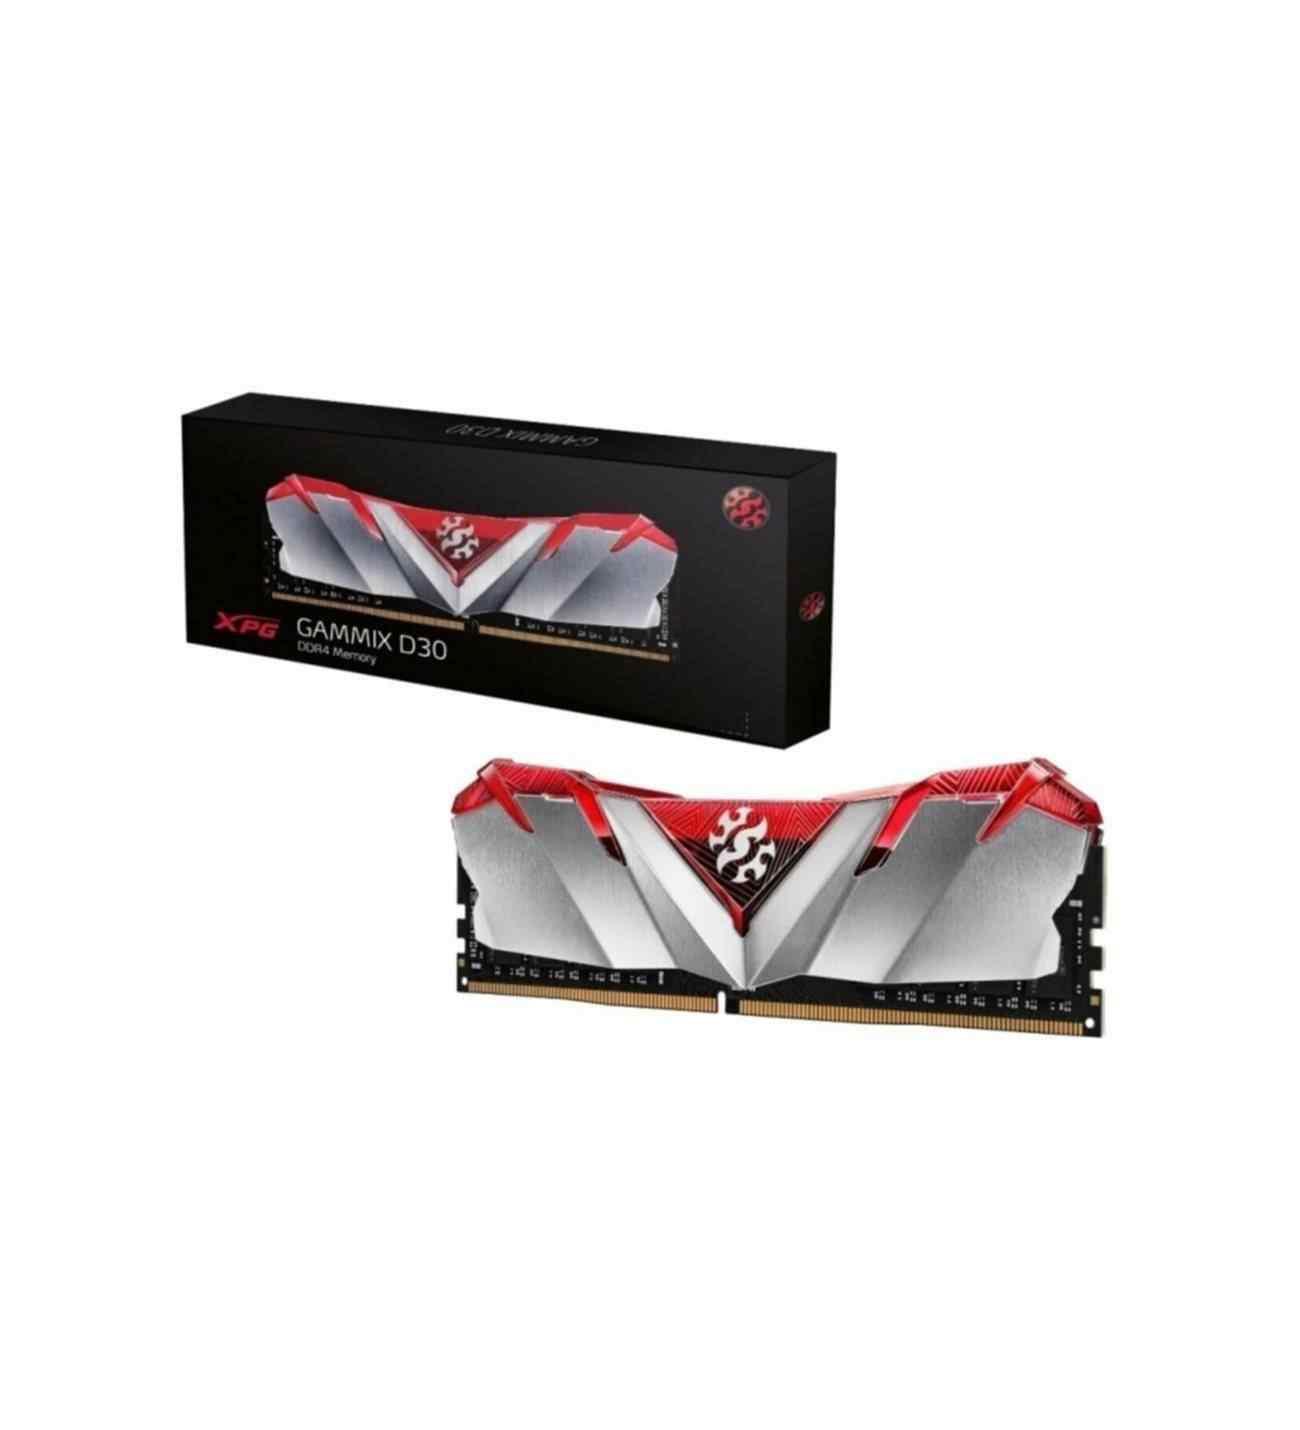 Adata AX4U300038G16A-SR30 XPG Gammix D30 8 GB DDR4 3000 MHz CL16 PC Ram